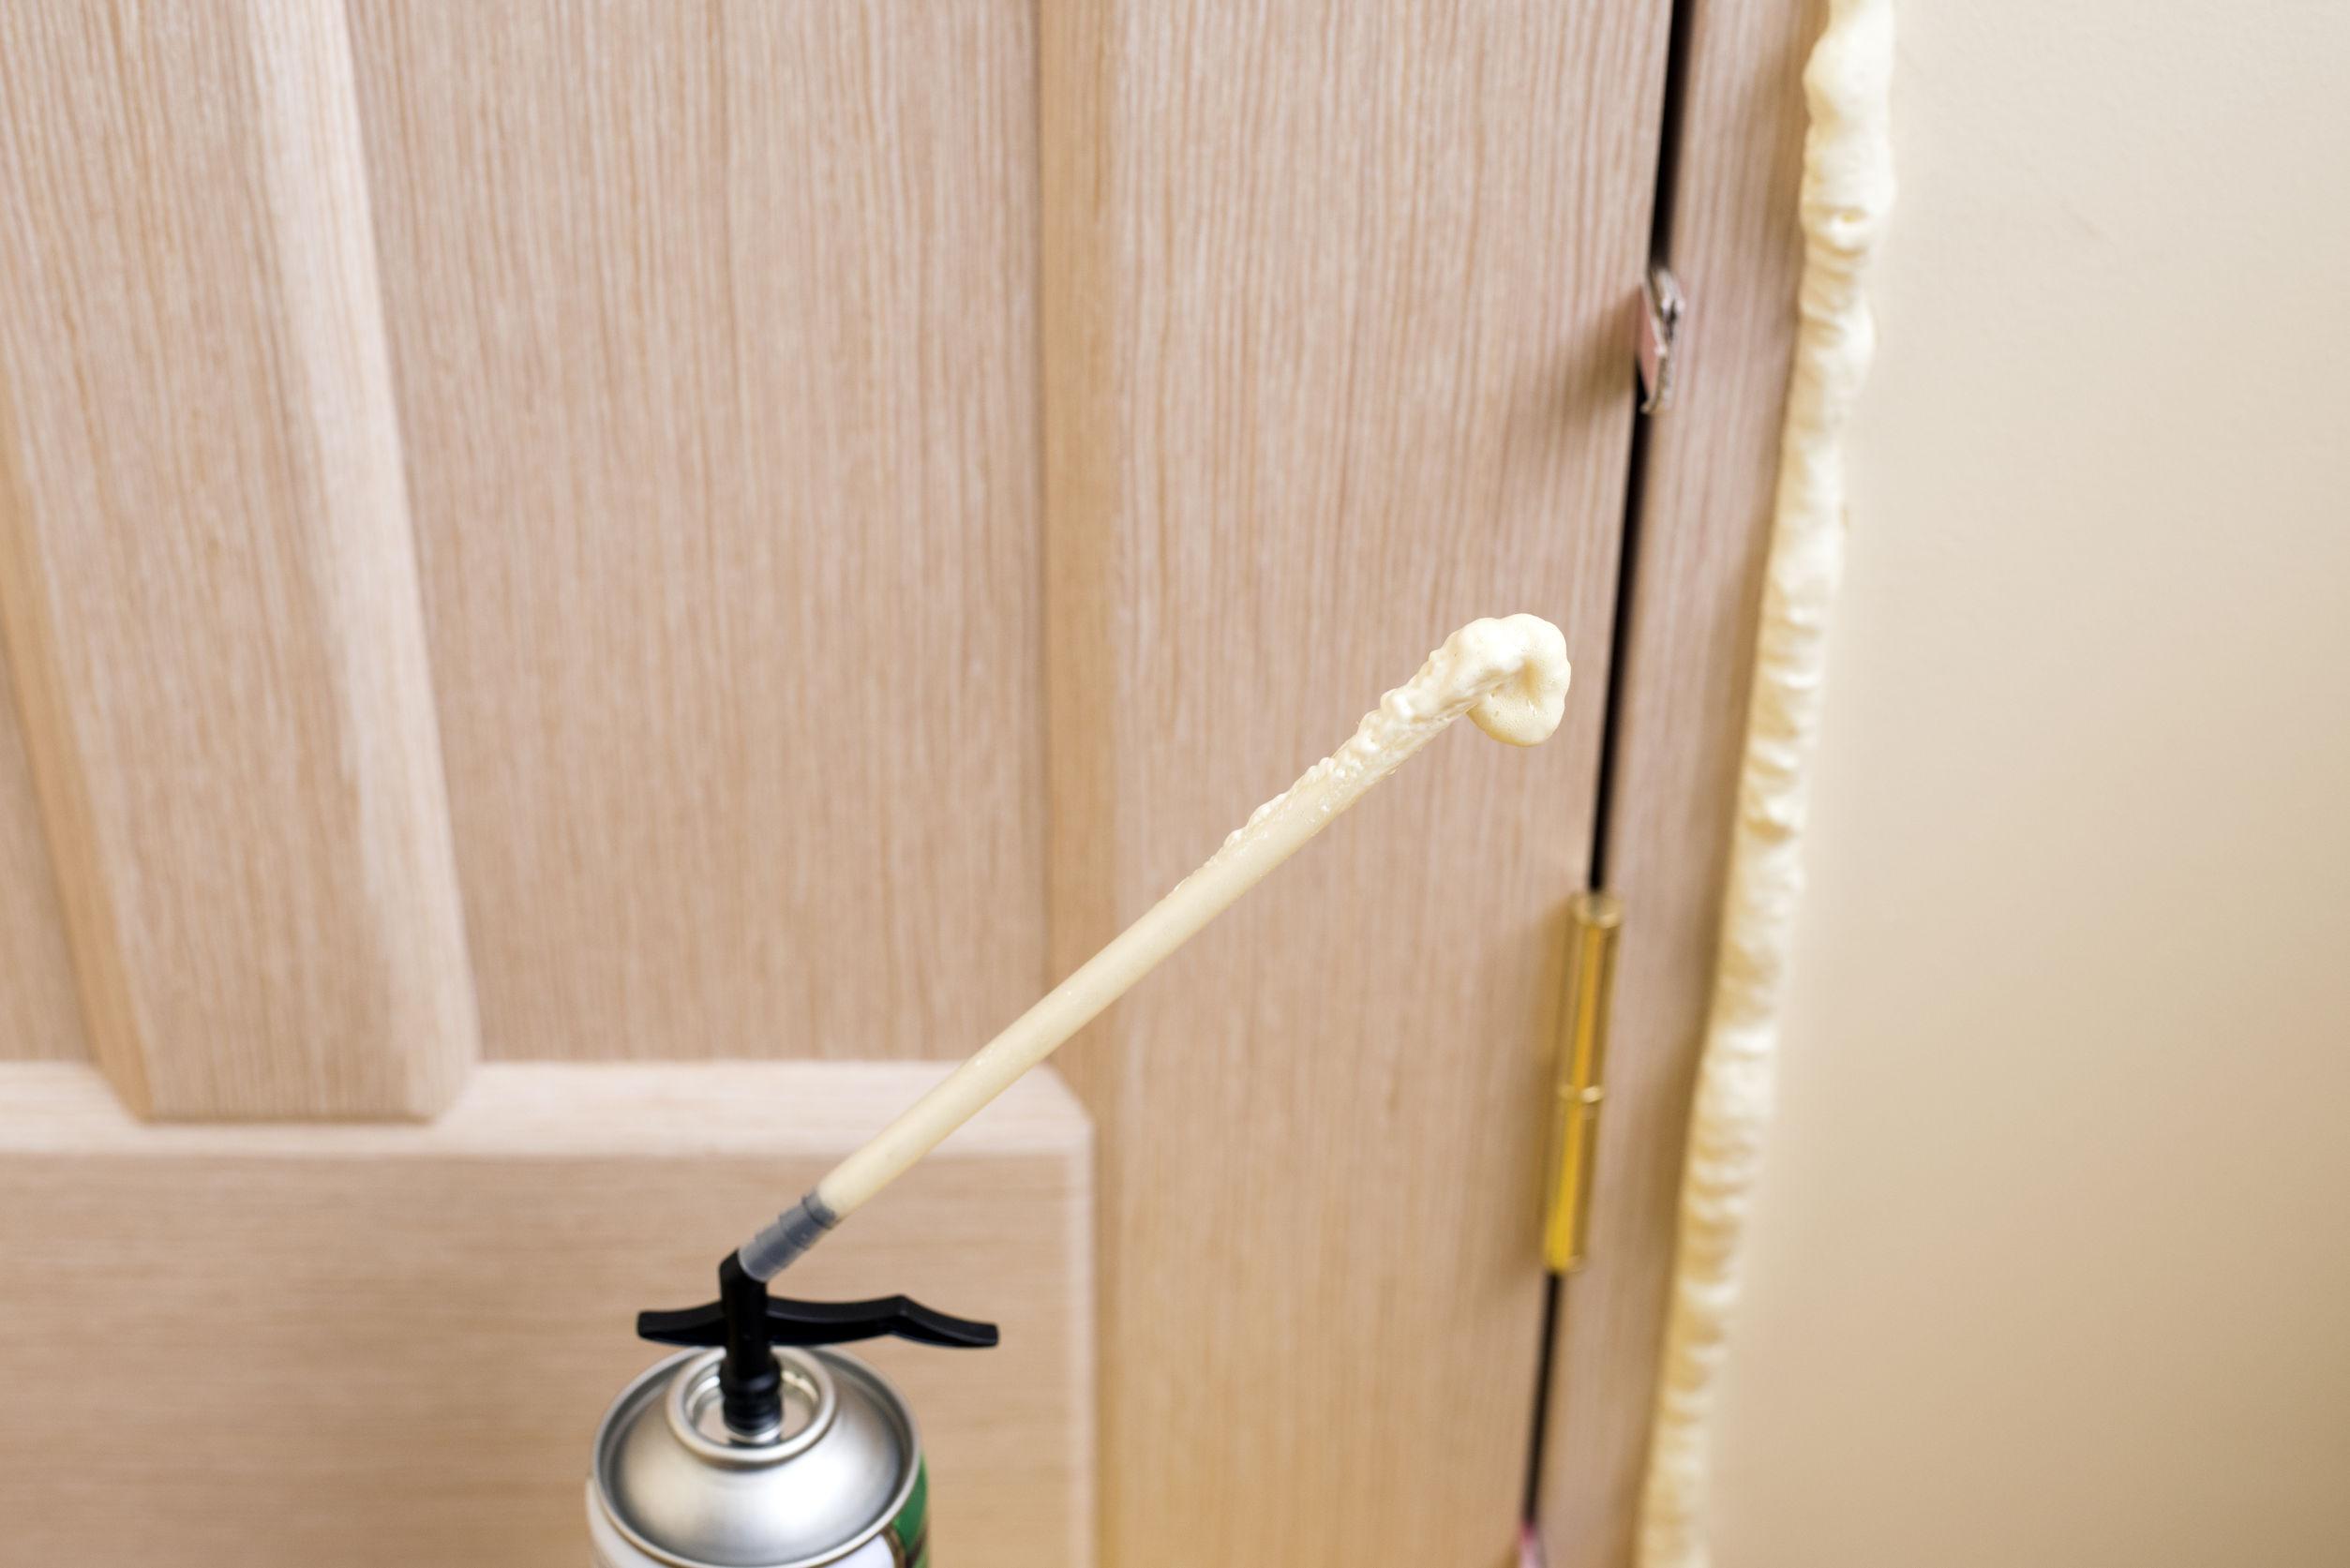 & How to Weatherproof an Old Entry Door